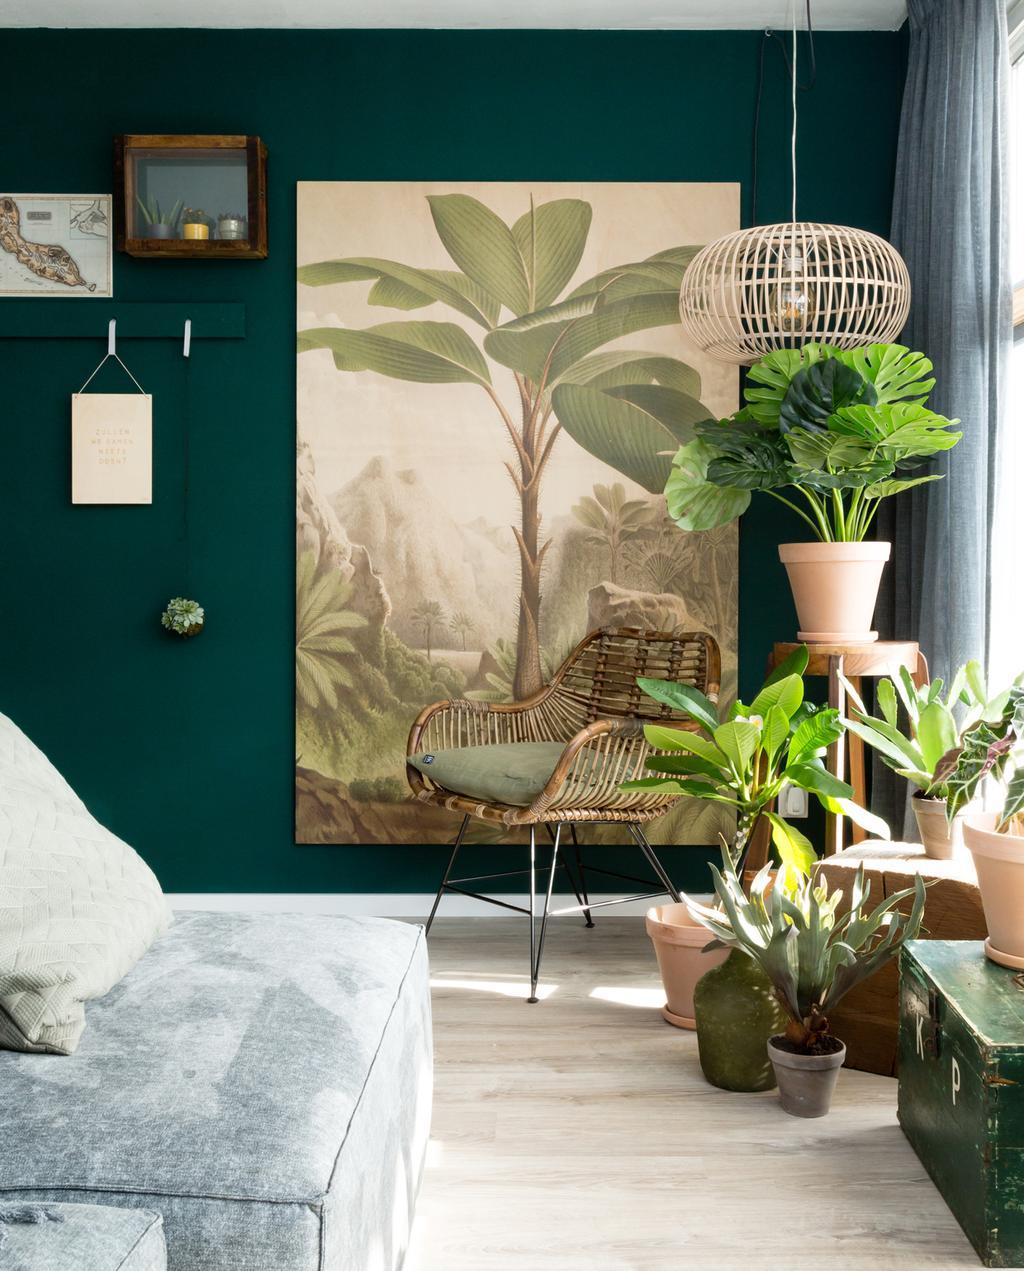 5 Simpele Manieren Om Meer Kleur In Huis Te Brengen Inspiratie Vtwonen